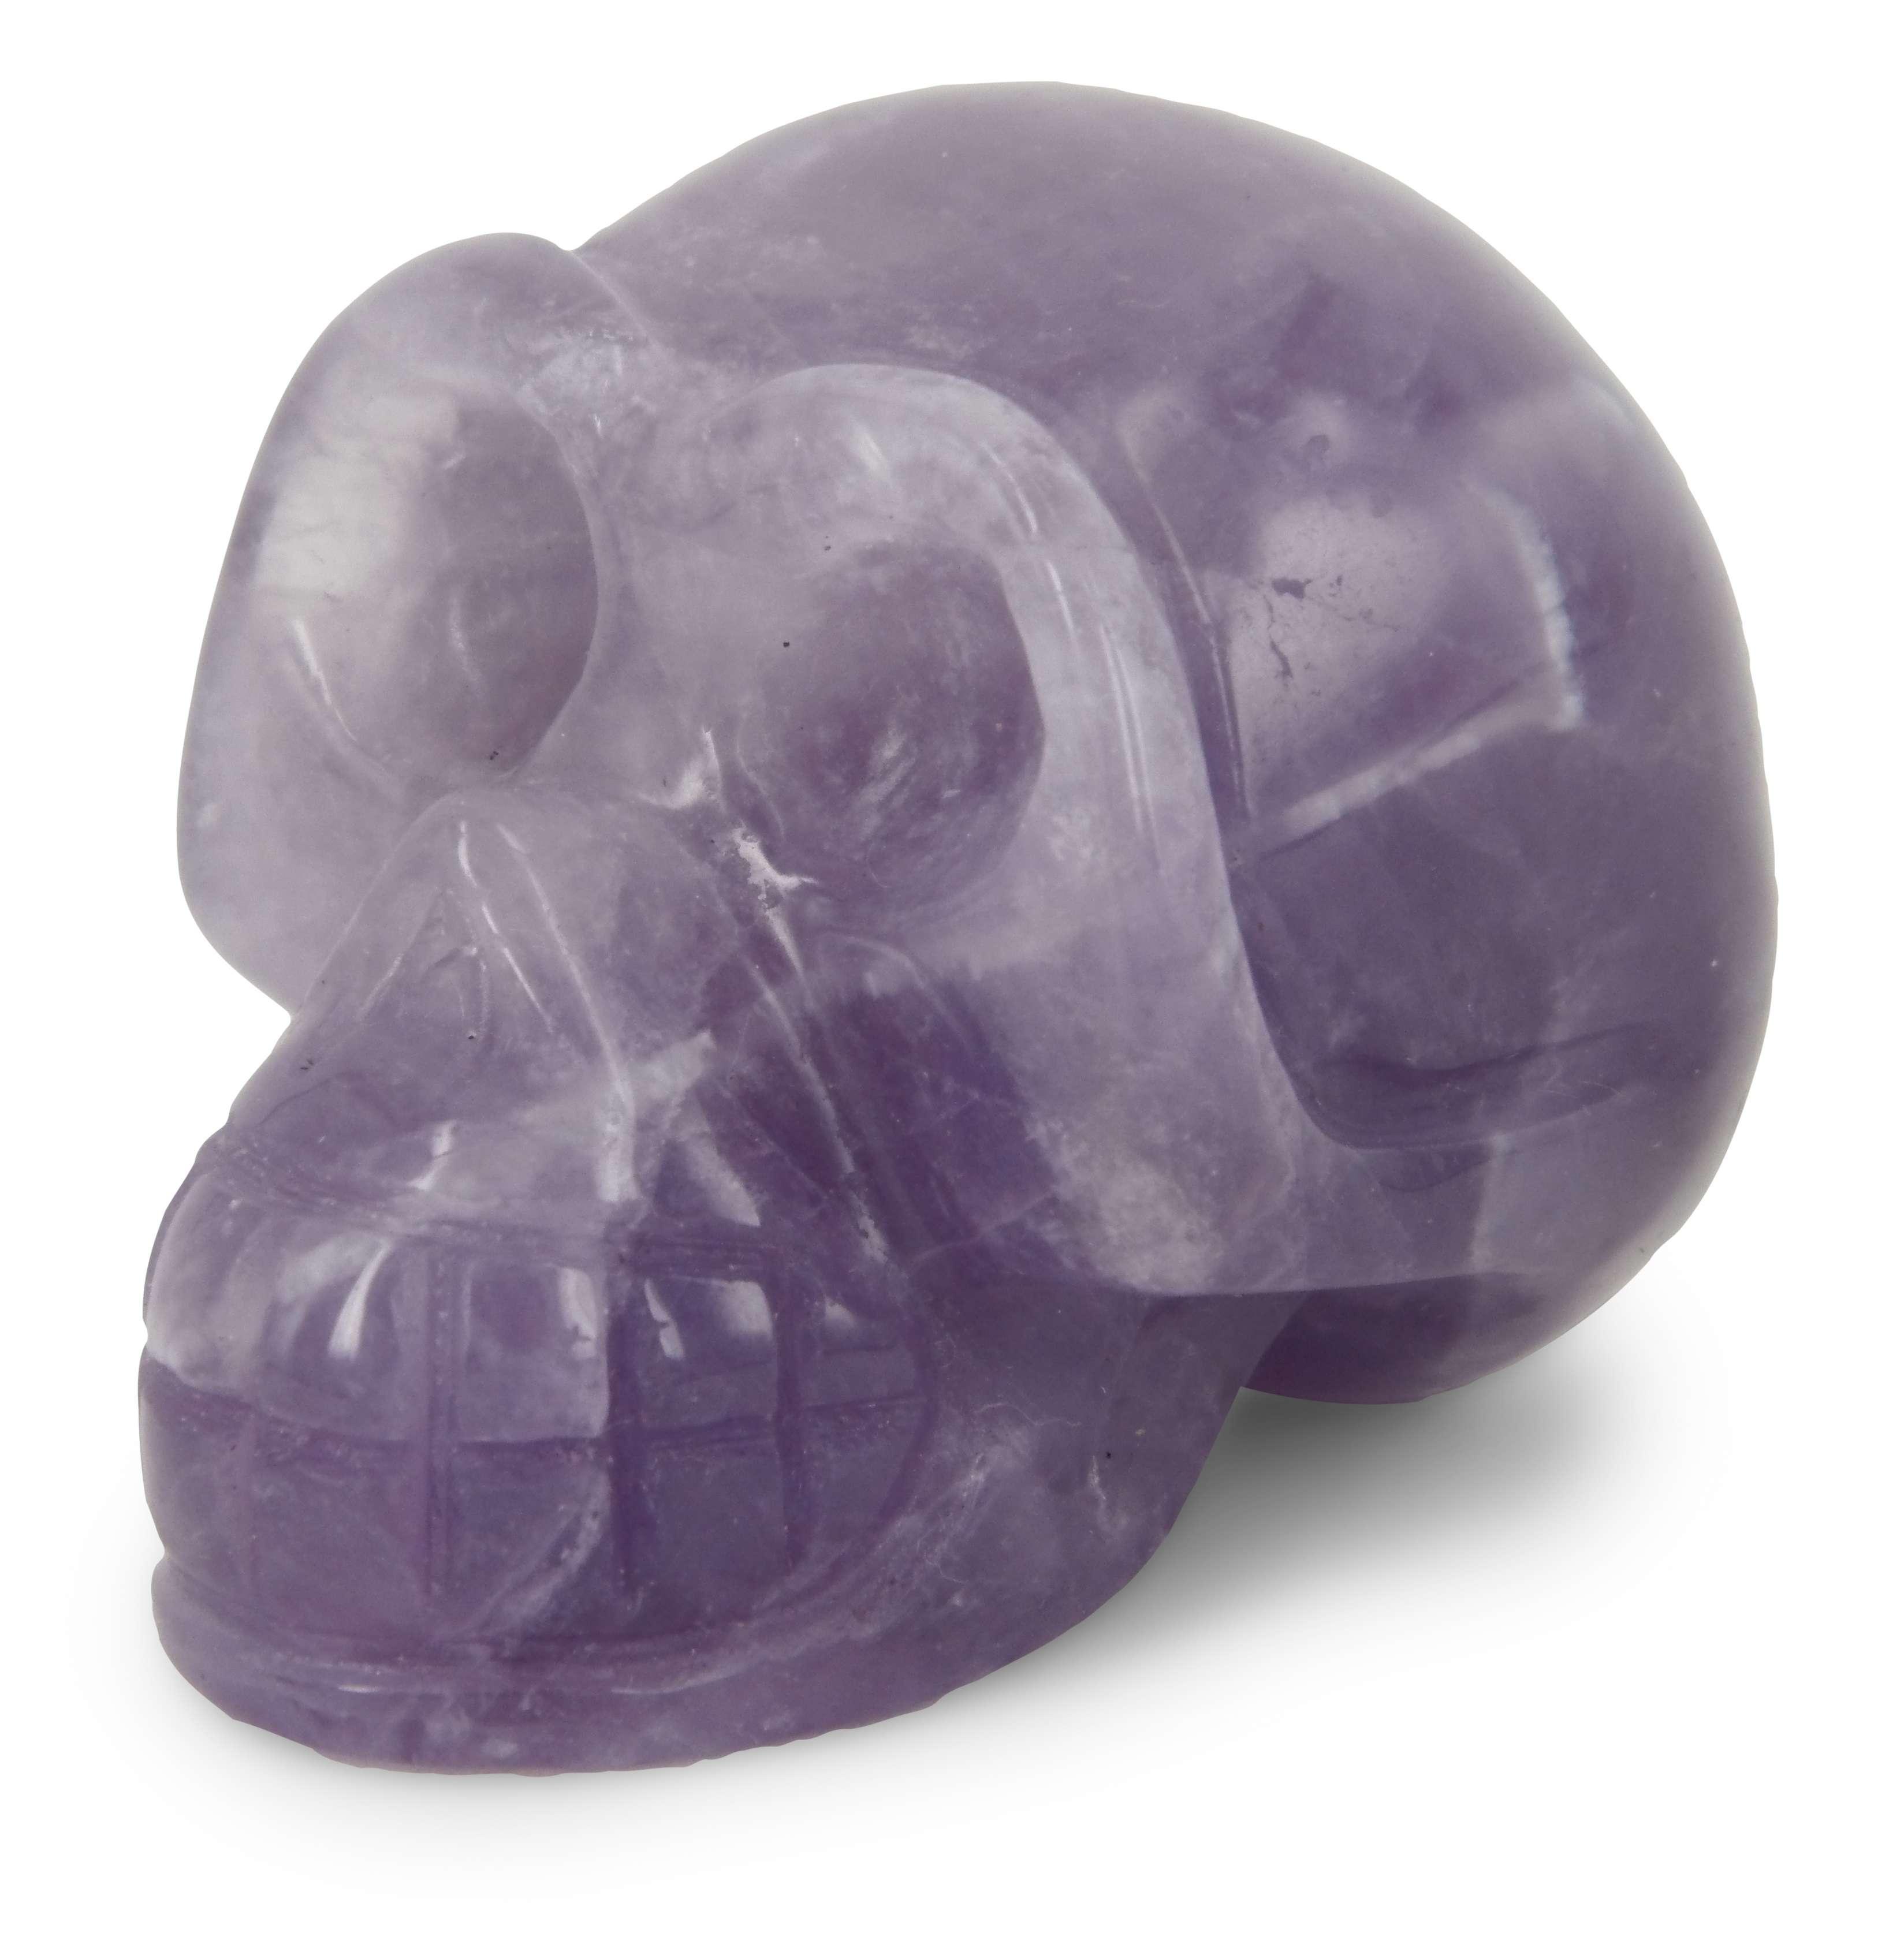 Amethist edelsteen schedels en nog vele andere soorten zijn te koop bij mineralenparadijs Ruben Robijn.